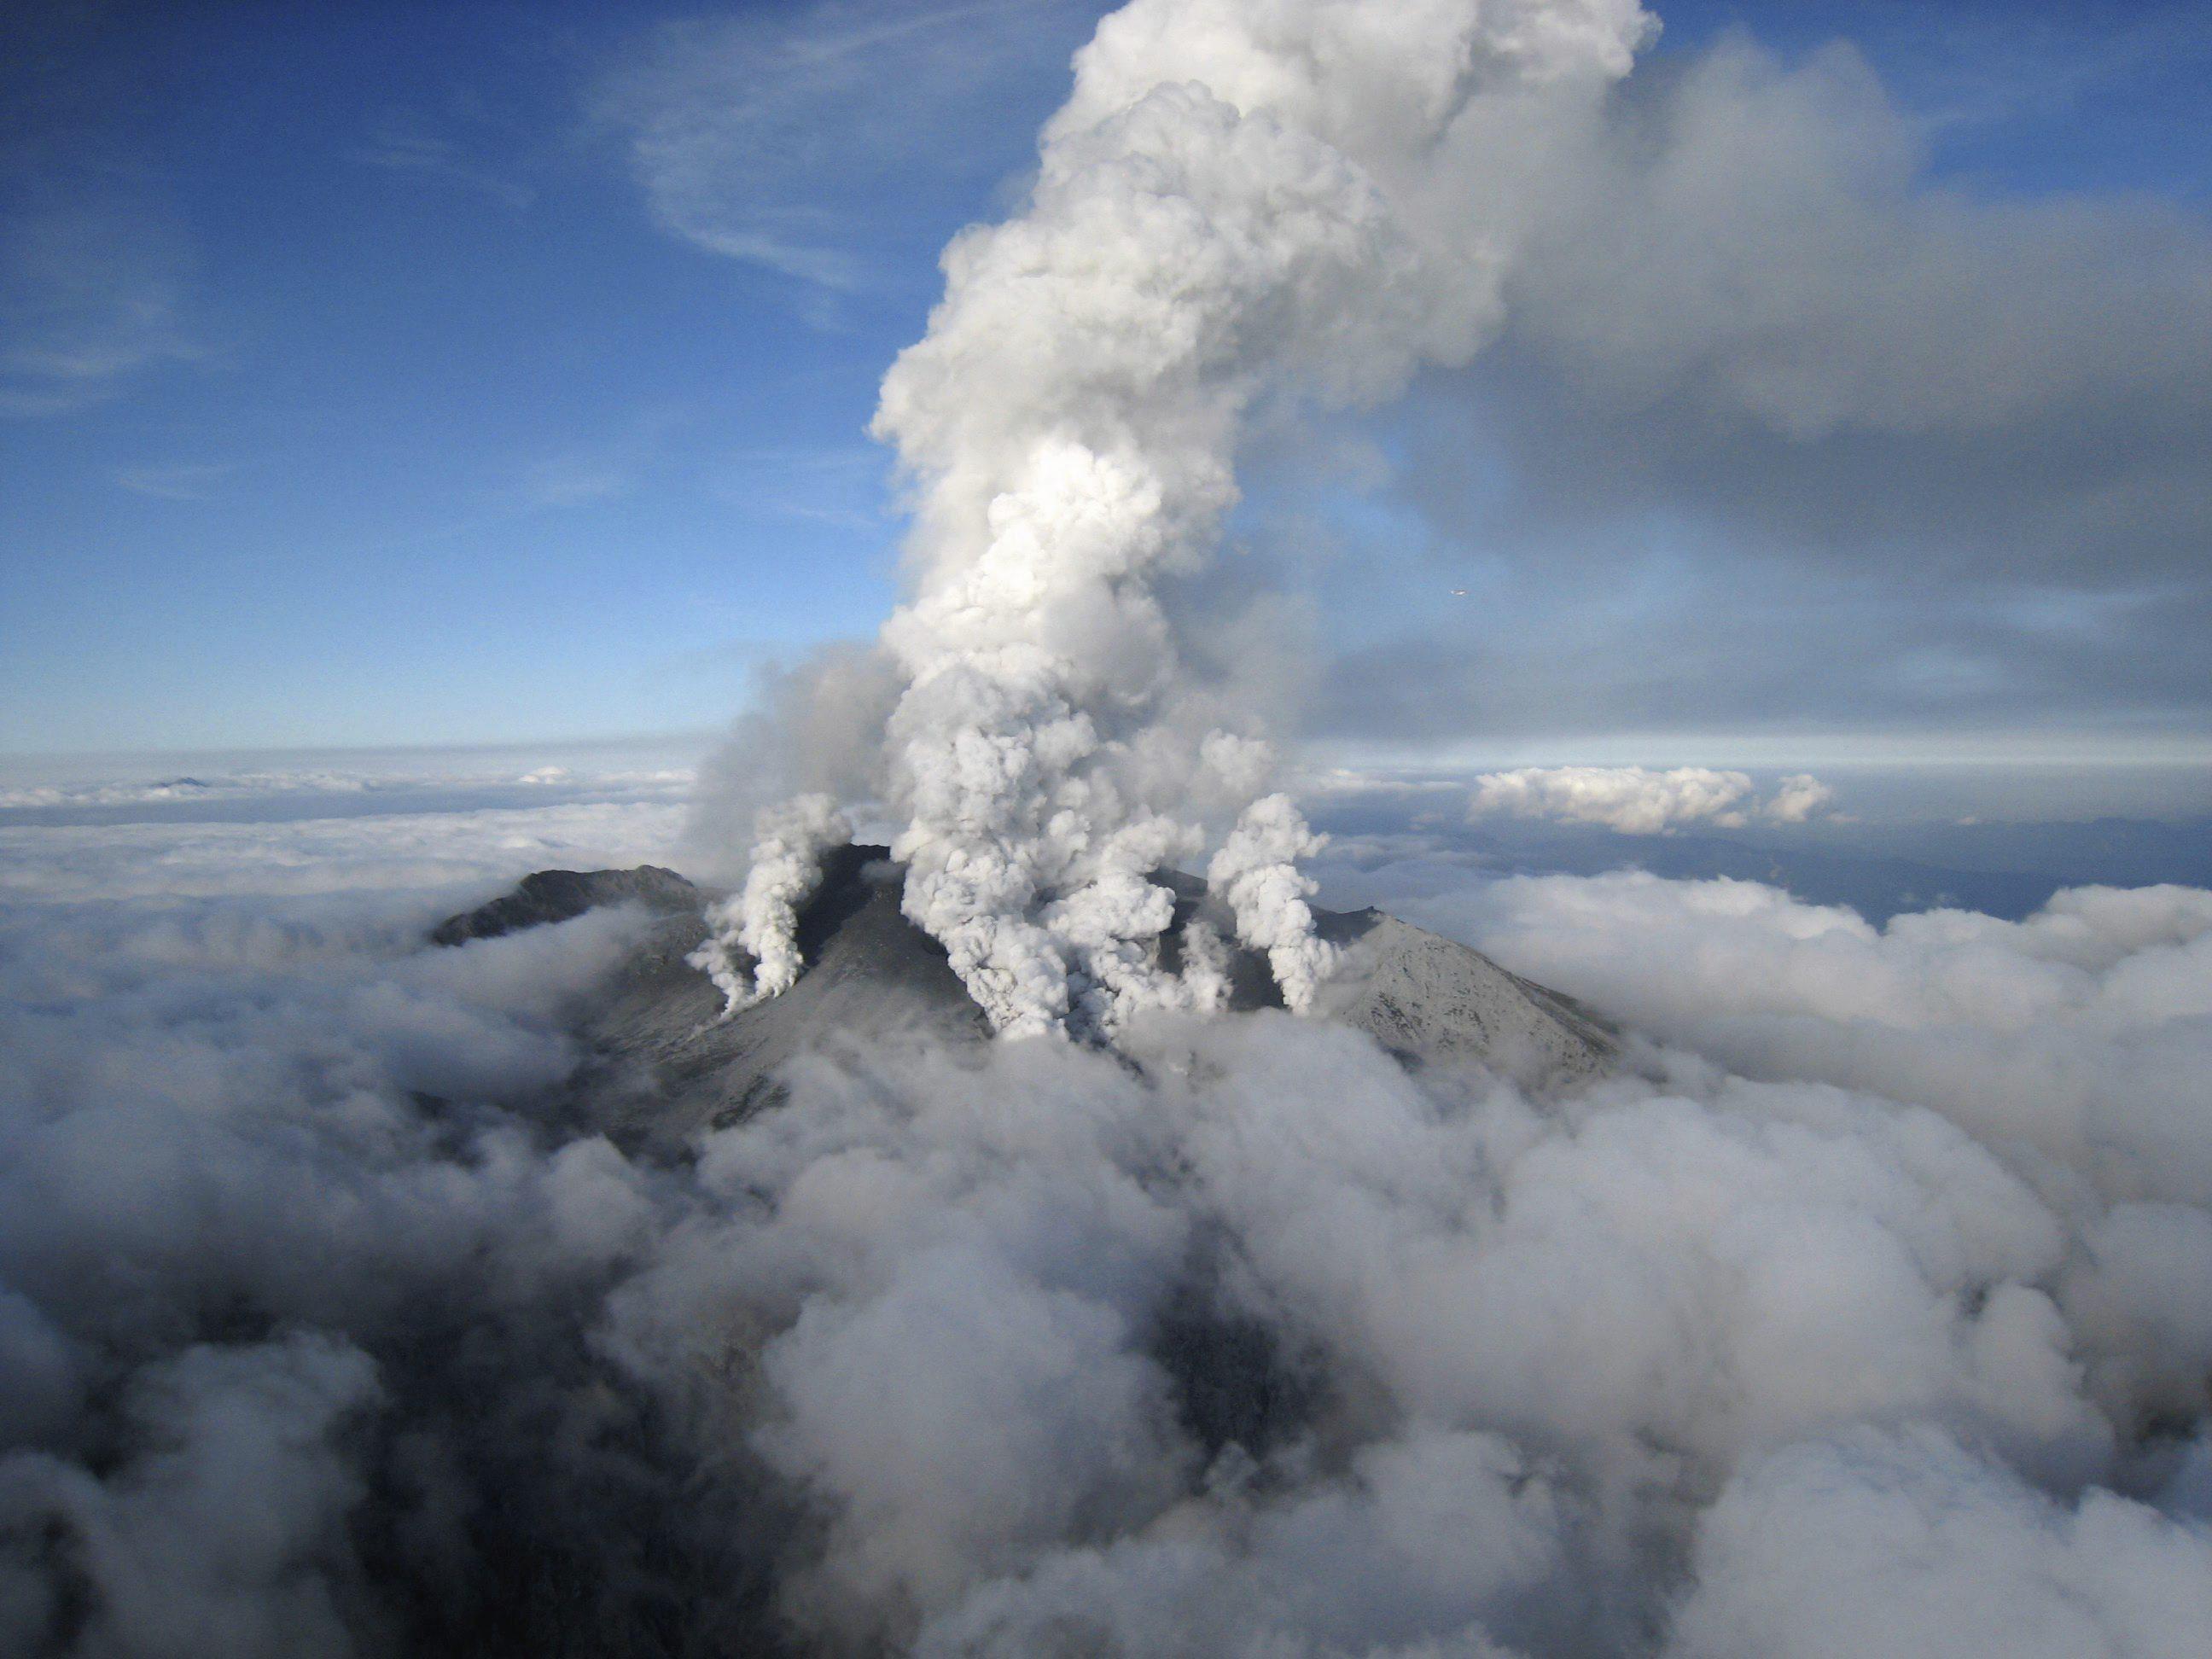 Científicos provocan un mini terremoto con 200 kg de dinamita para estudiar las erupciones